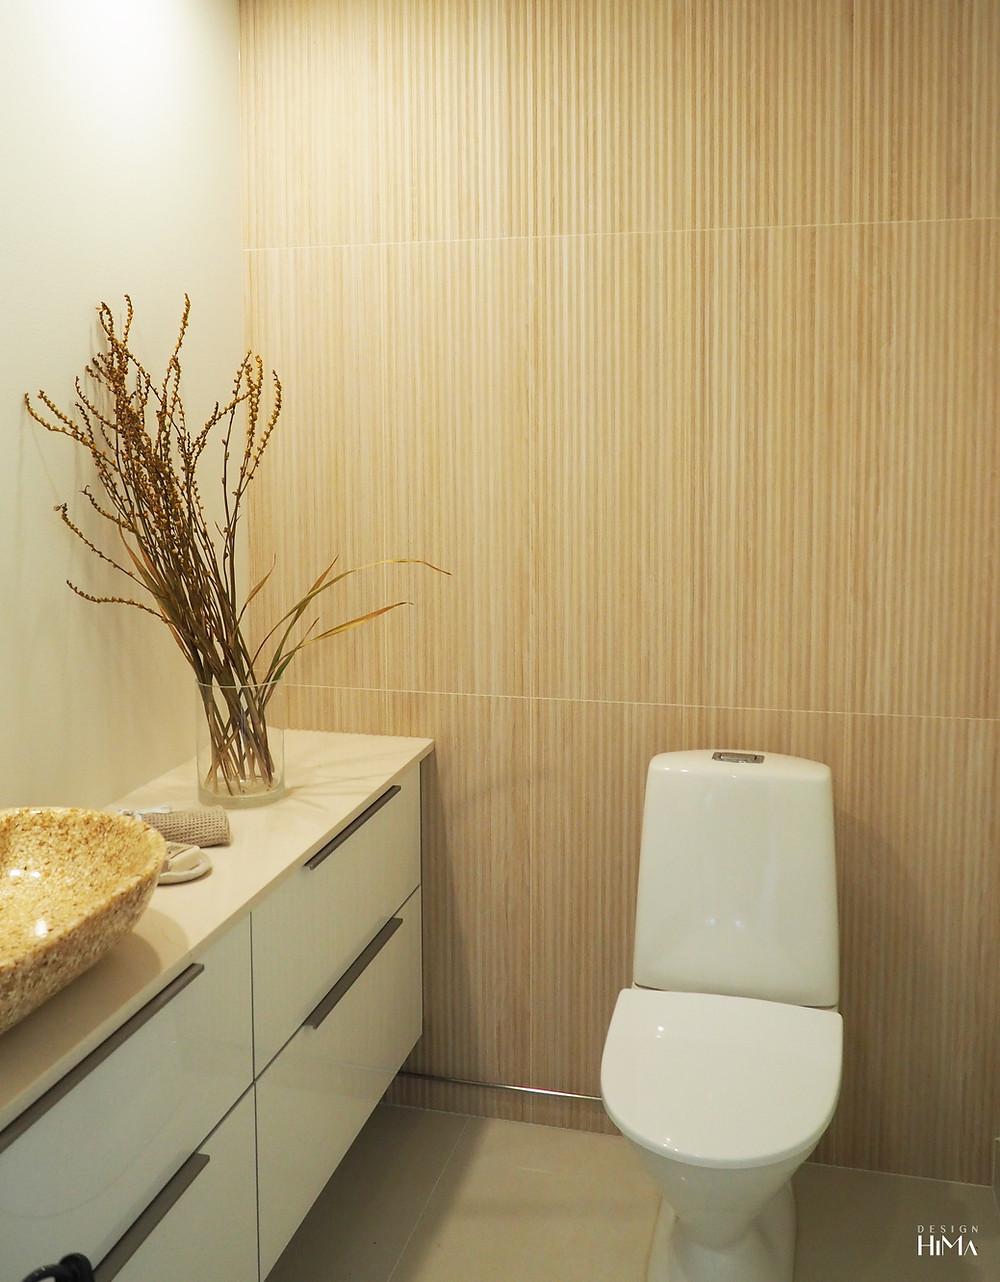 Designtalo Puro wc